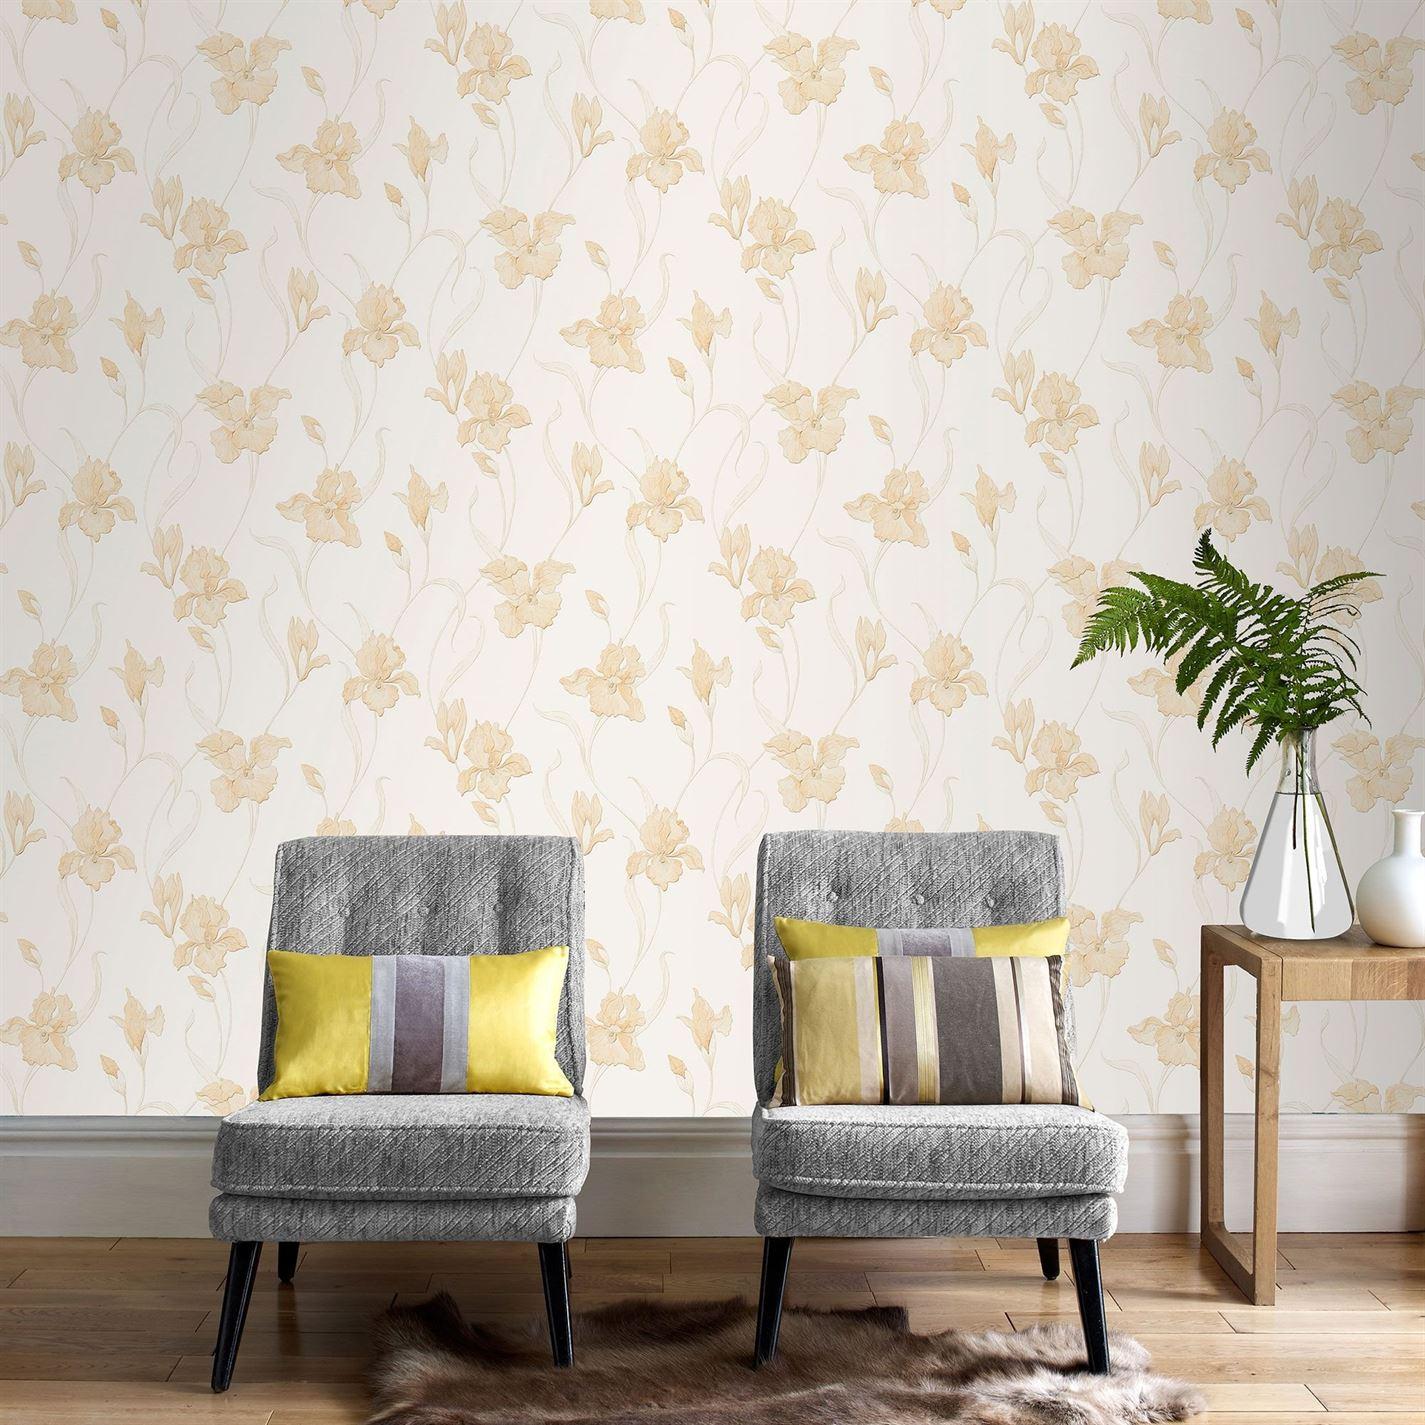 Tham khảo cách trang trí phòng khách ấn tượng bằng giấy dán tường - Ảnh 6.